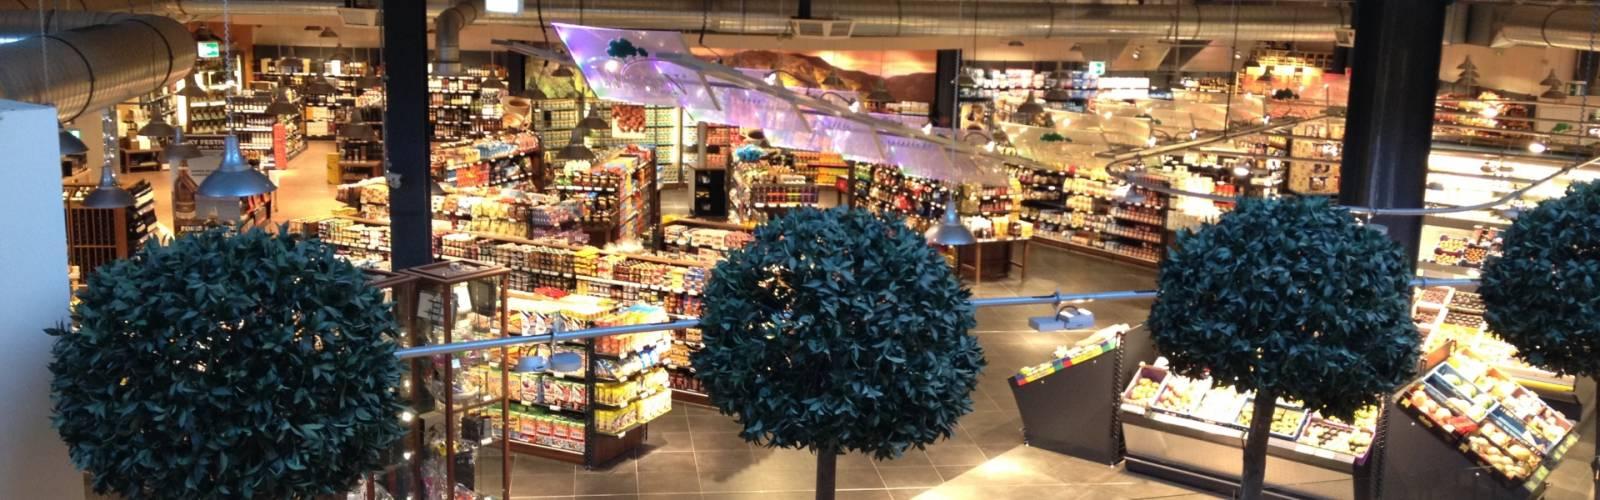 massen shopping center wemperhardt